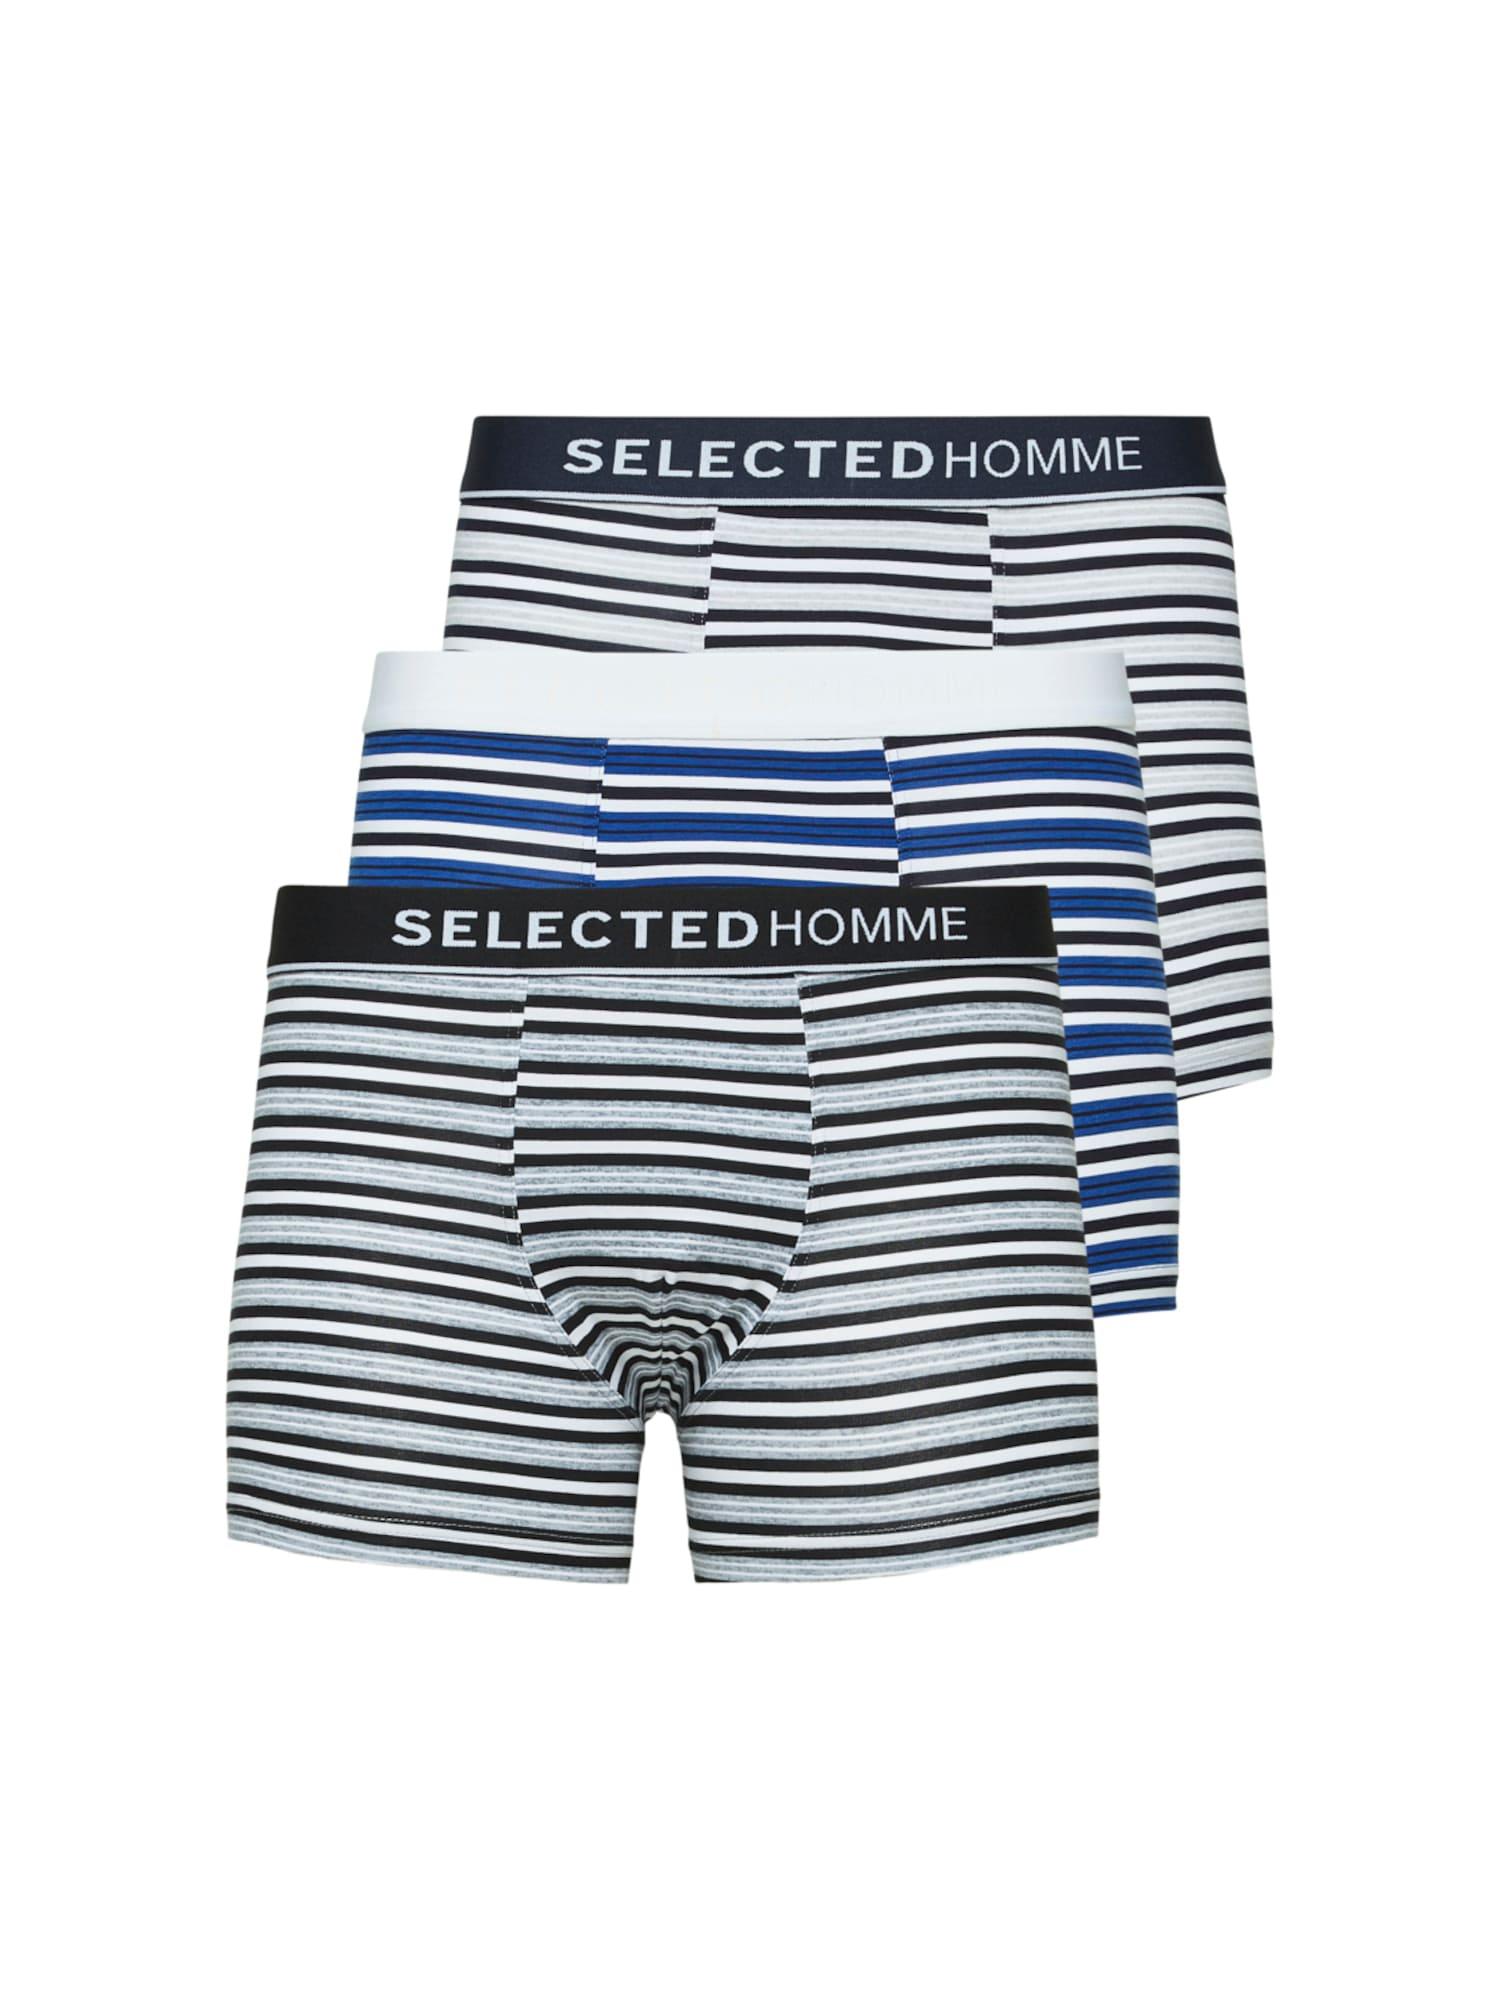 SELECTED HOMME Boxer trumpikės juoda / natūrali balta / šviesiai mėlyna